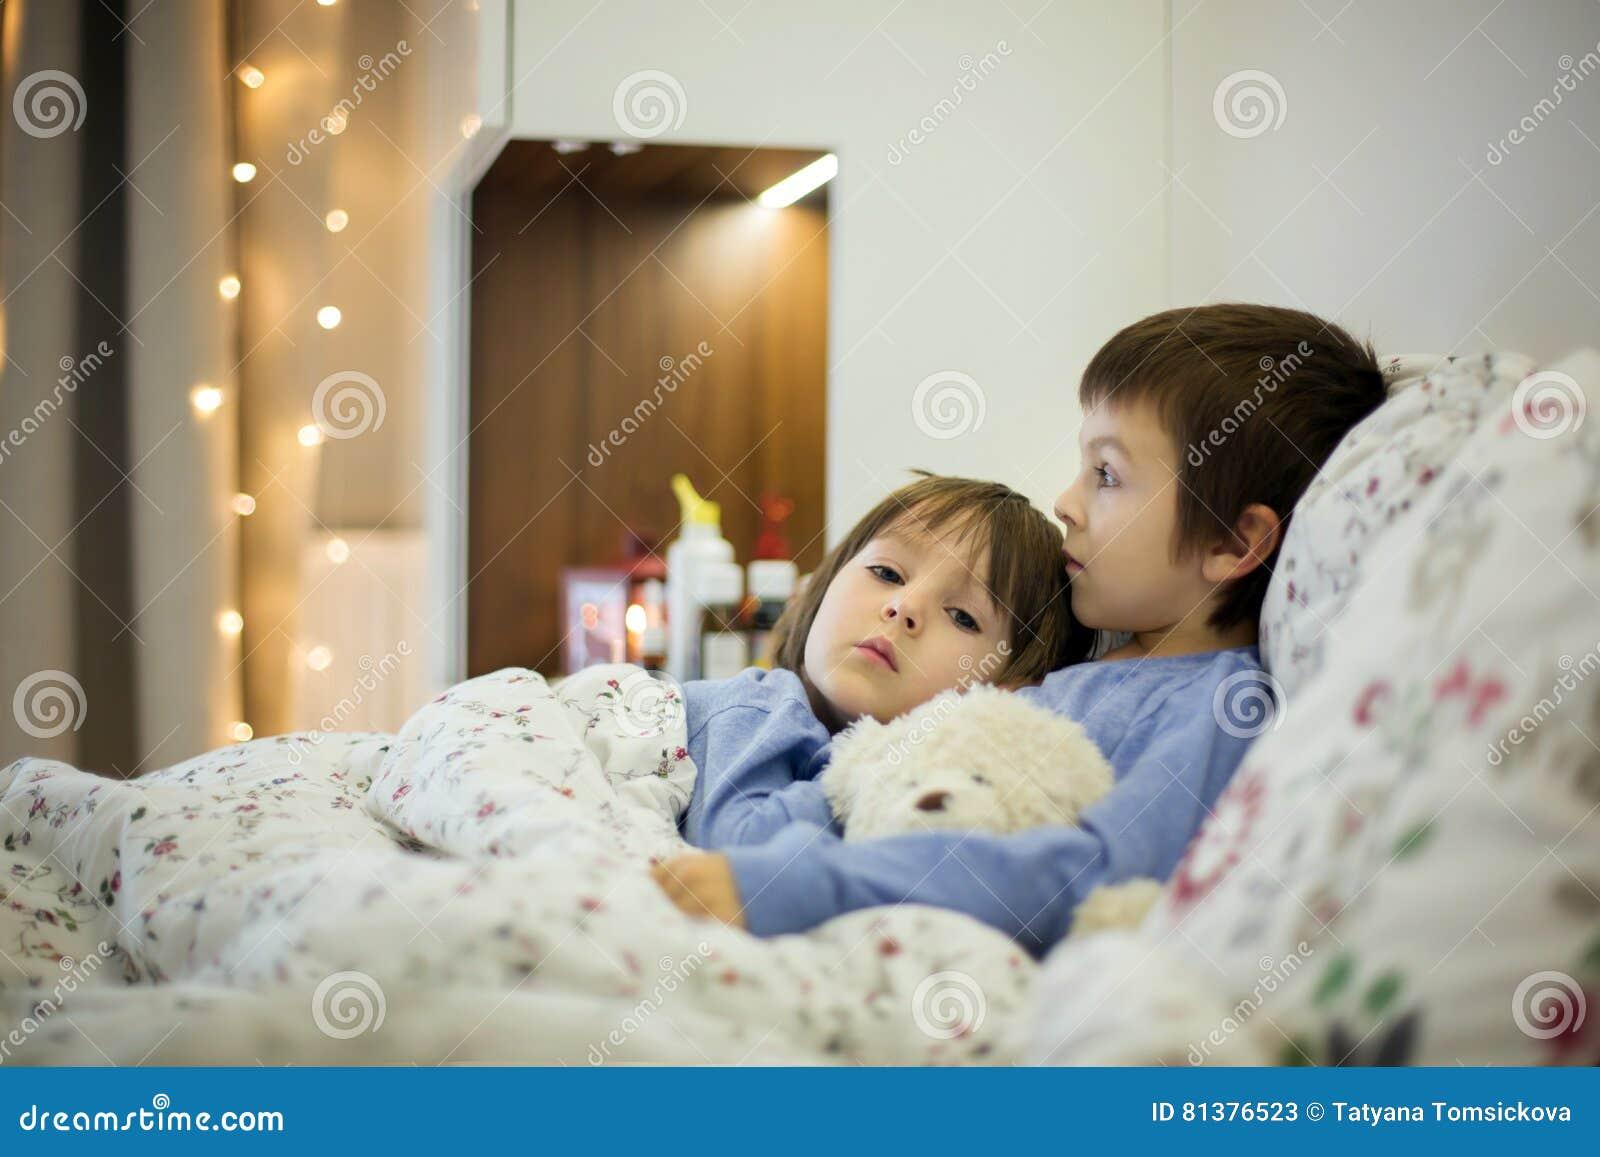 Zwei Nette Kranke Kinder Jungen Bleibend Im Bett Mit